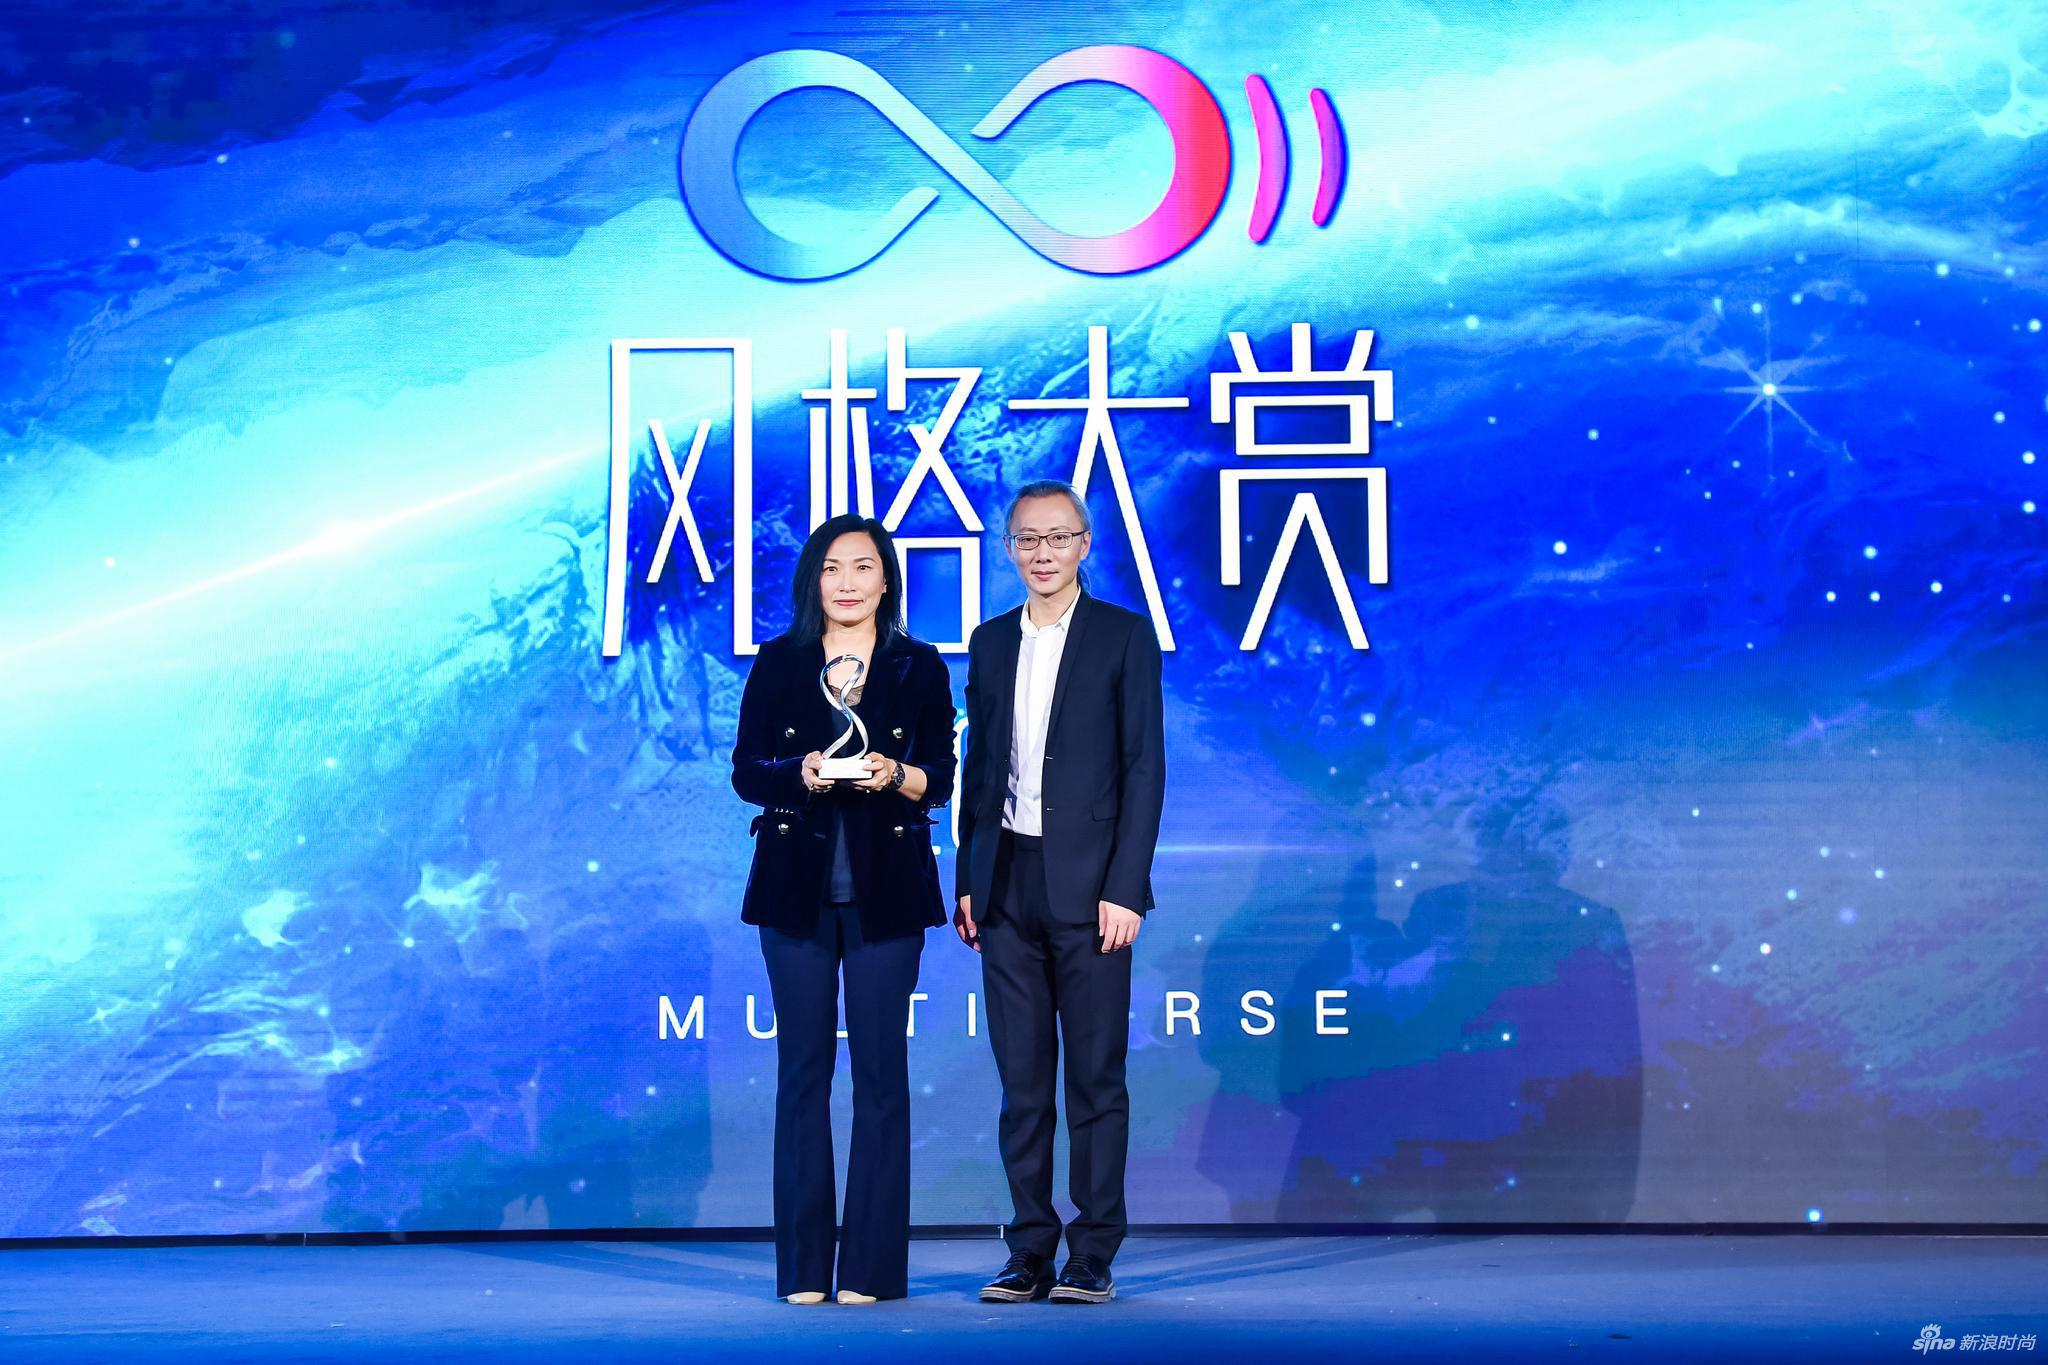 新浪网商业中心总经理王屹先生为领奖嘉宾欧米茄中国区市场总监杨晓聪女士颁奖